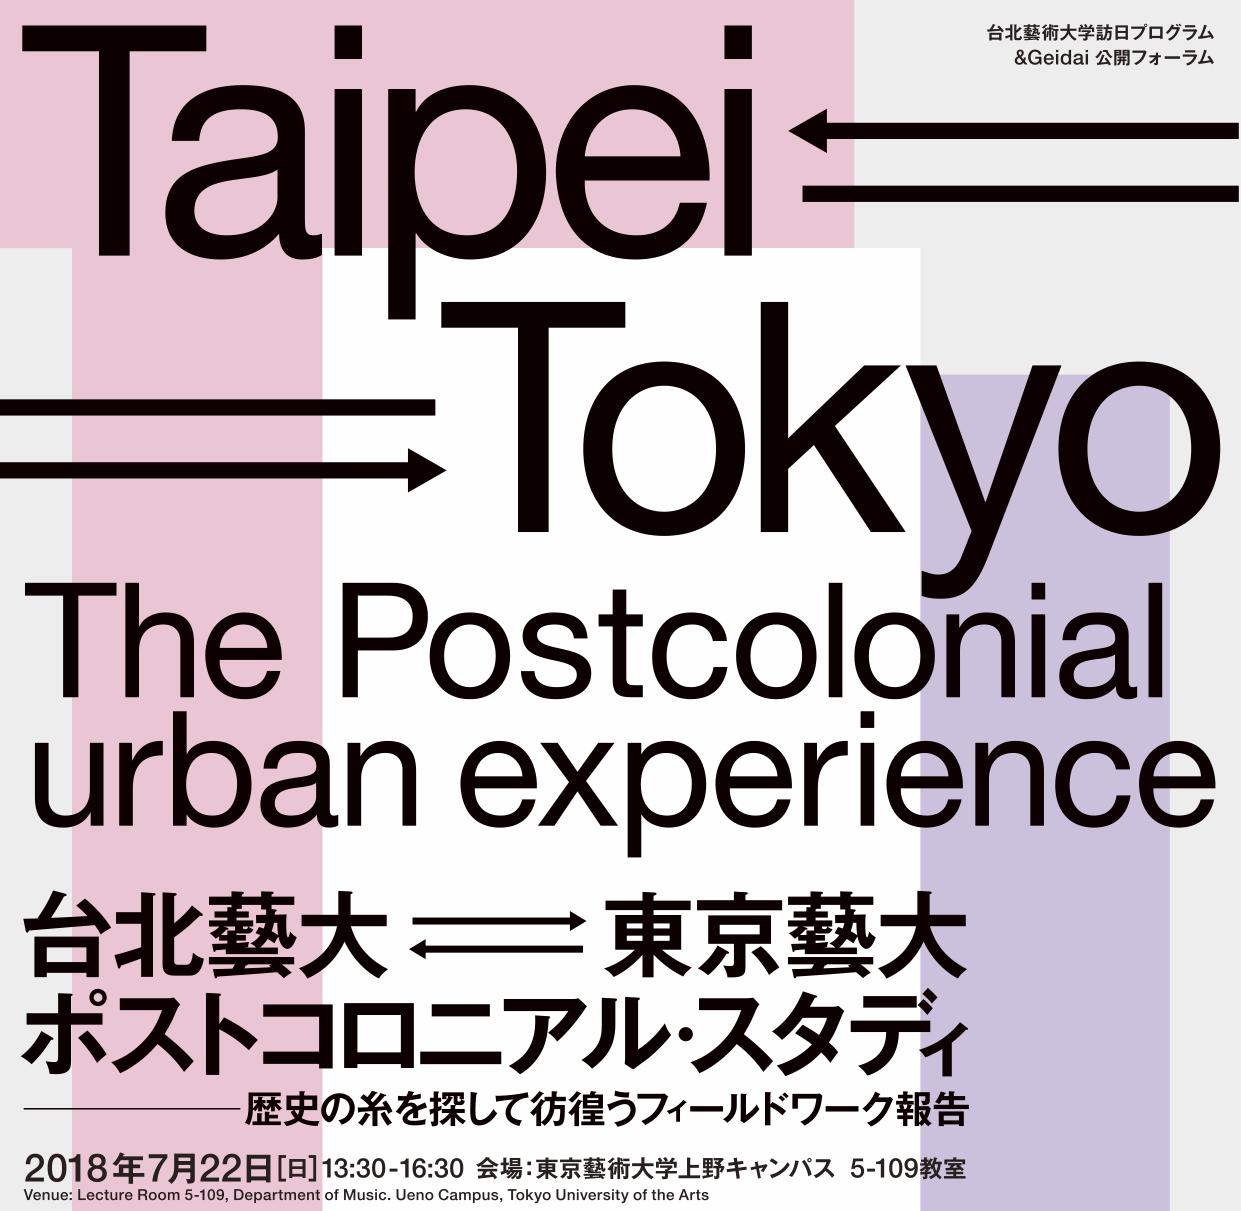 &Geidai: ForumTaipei⇆Tokyo The Postcolonial Urban Experience